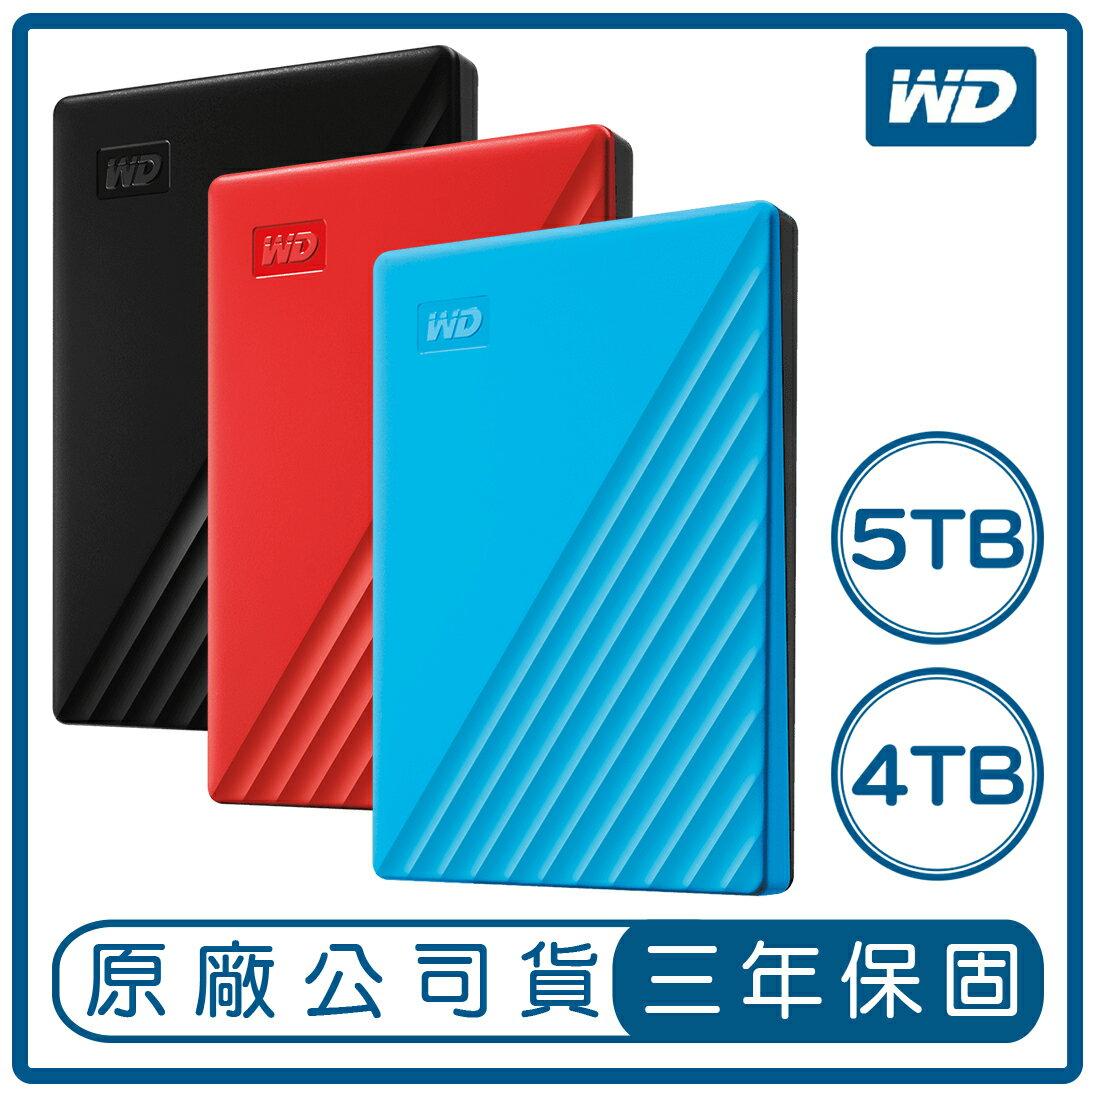 【新款】WD My Passport 4TB 5TB 2.5吋 行動硬碟 隨身硬碟 外接式硬碟 原廠公司貨 原廠保固 自動備份 4T 5T